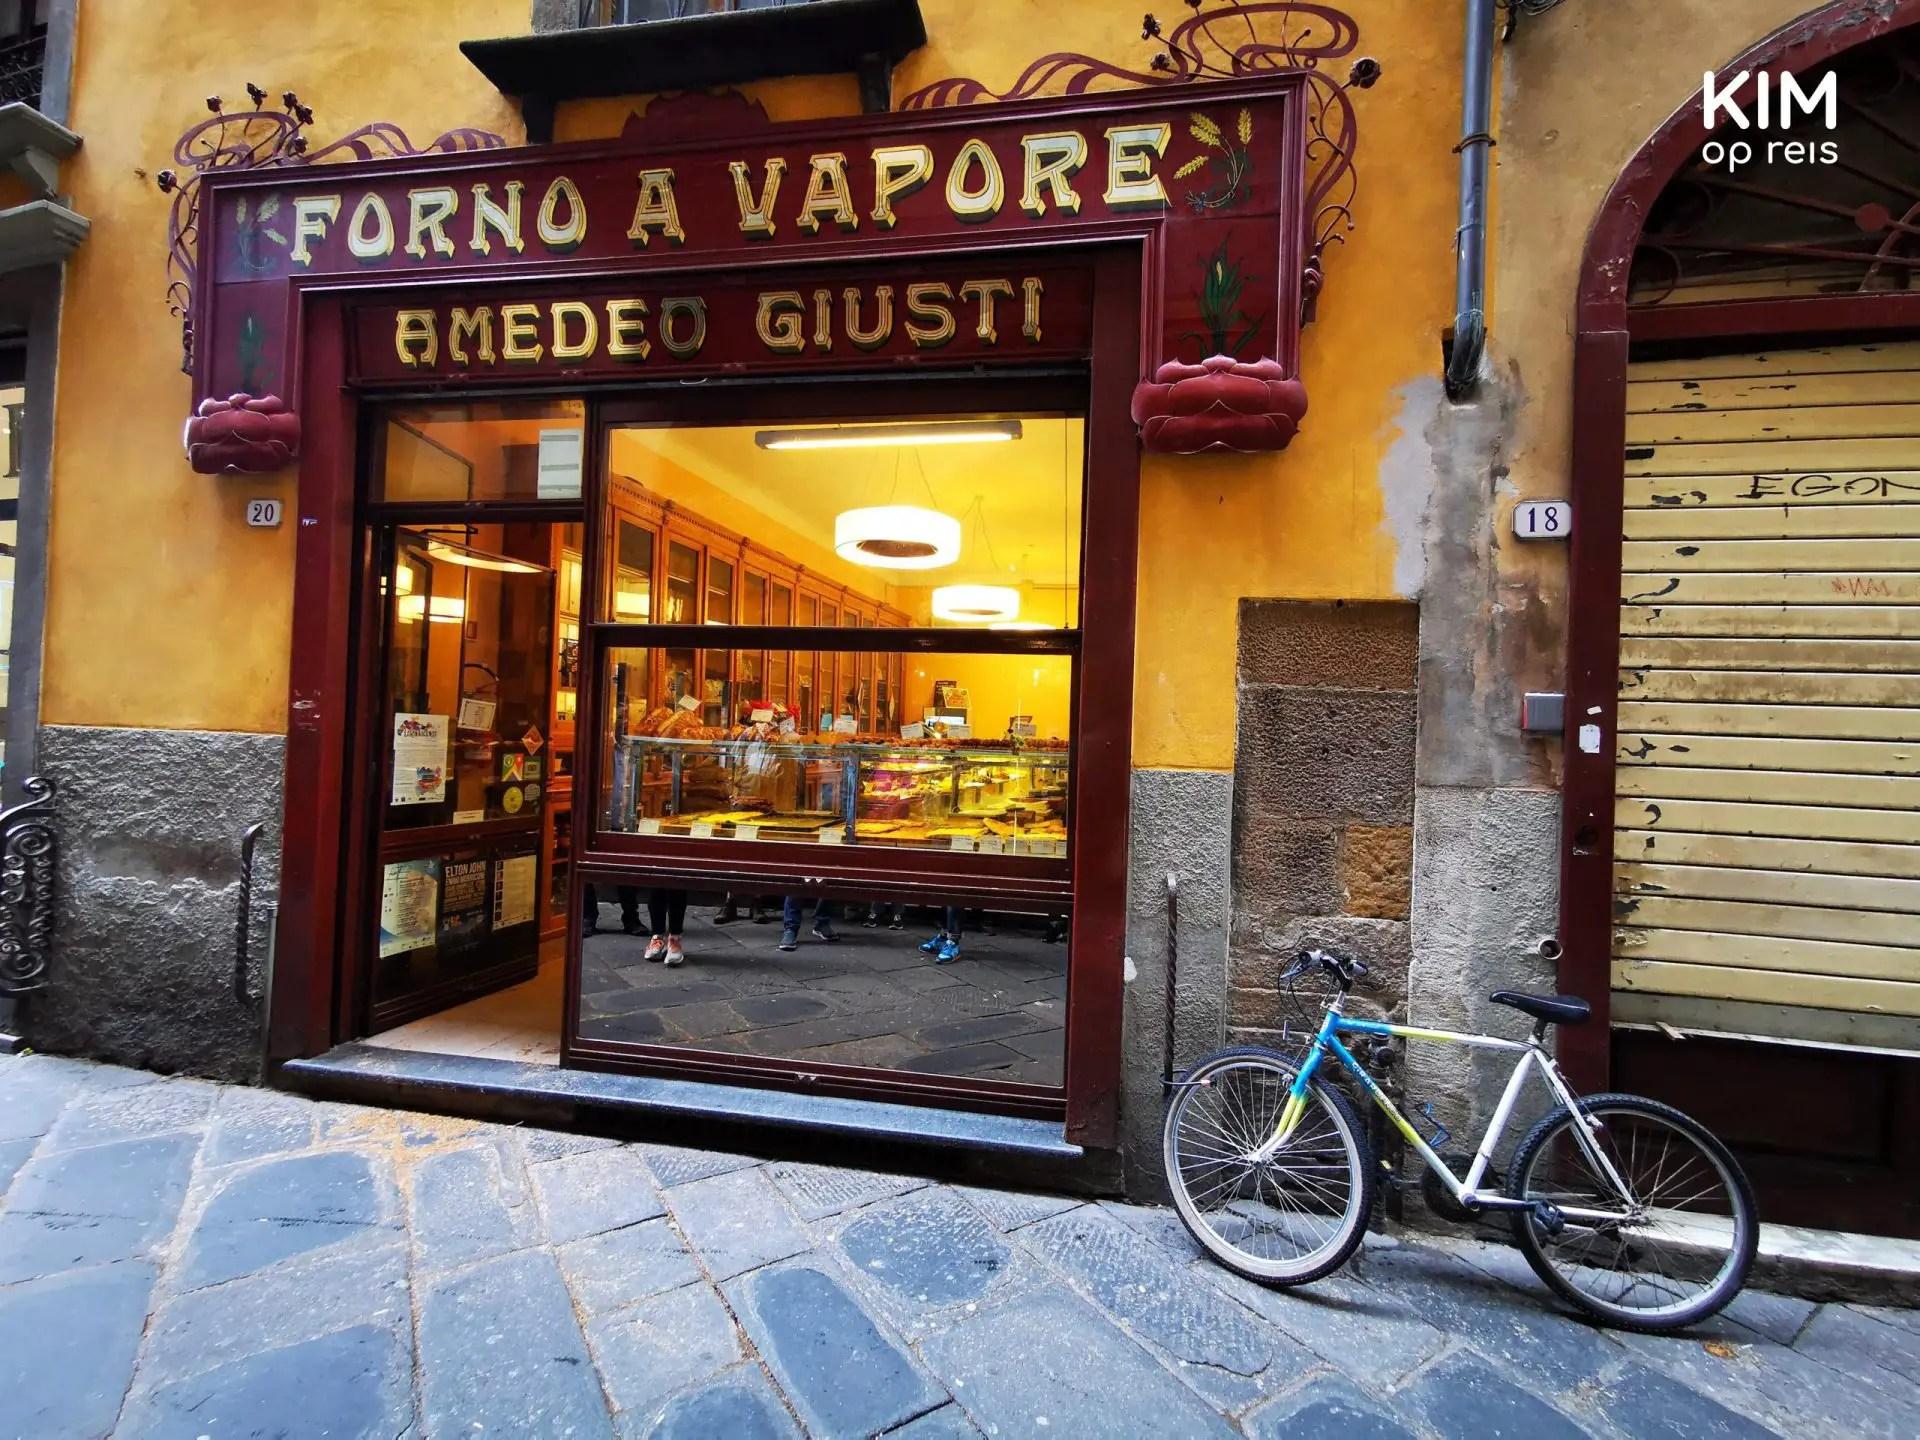 Lucca delicatessen zaakjes - etalage van een delicatesse zaak met daarvoor een herenracefiets